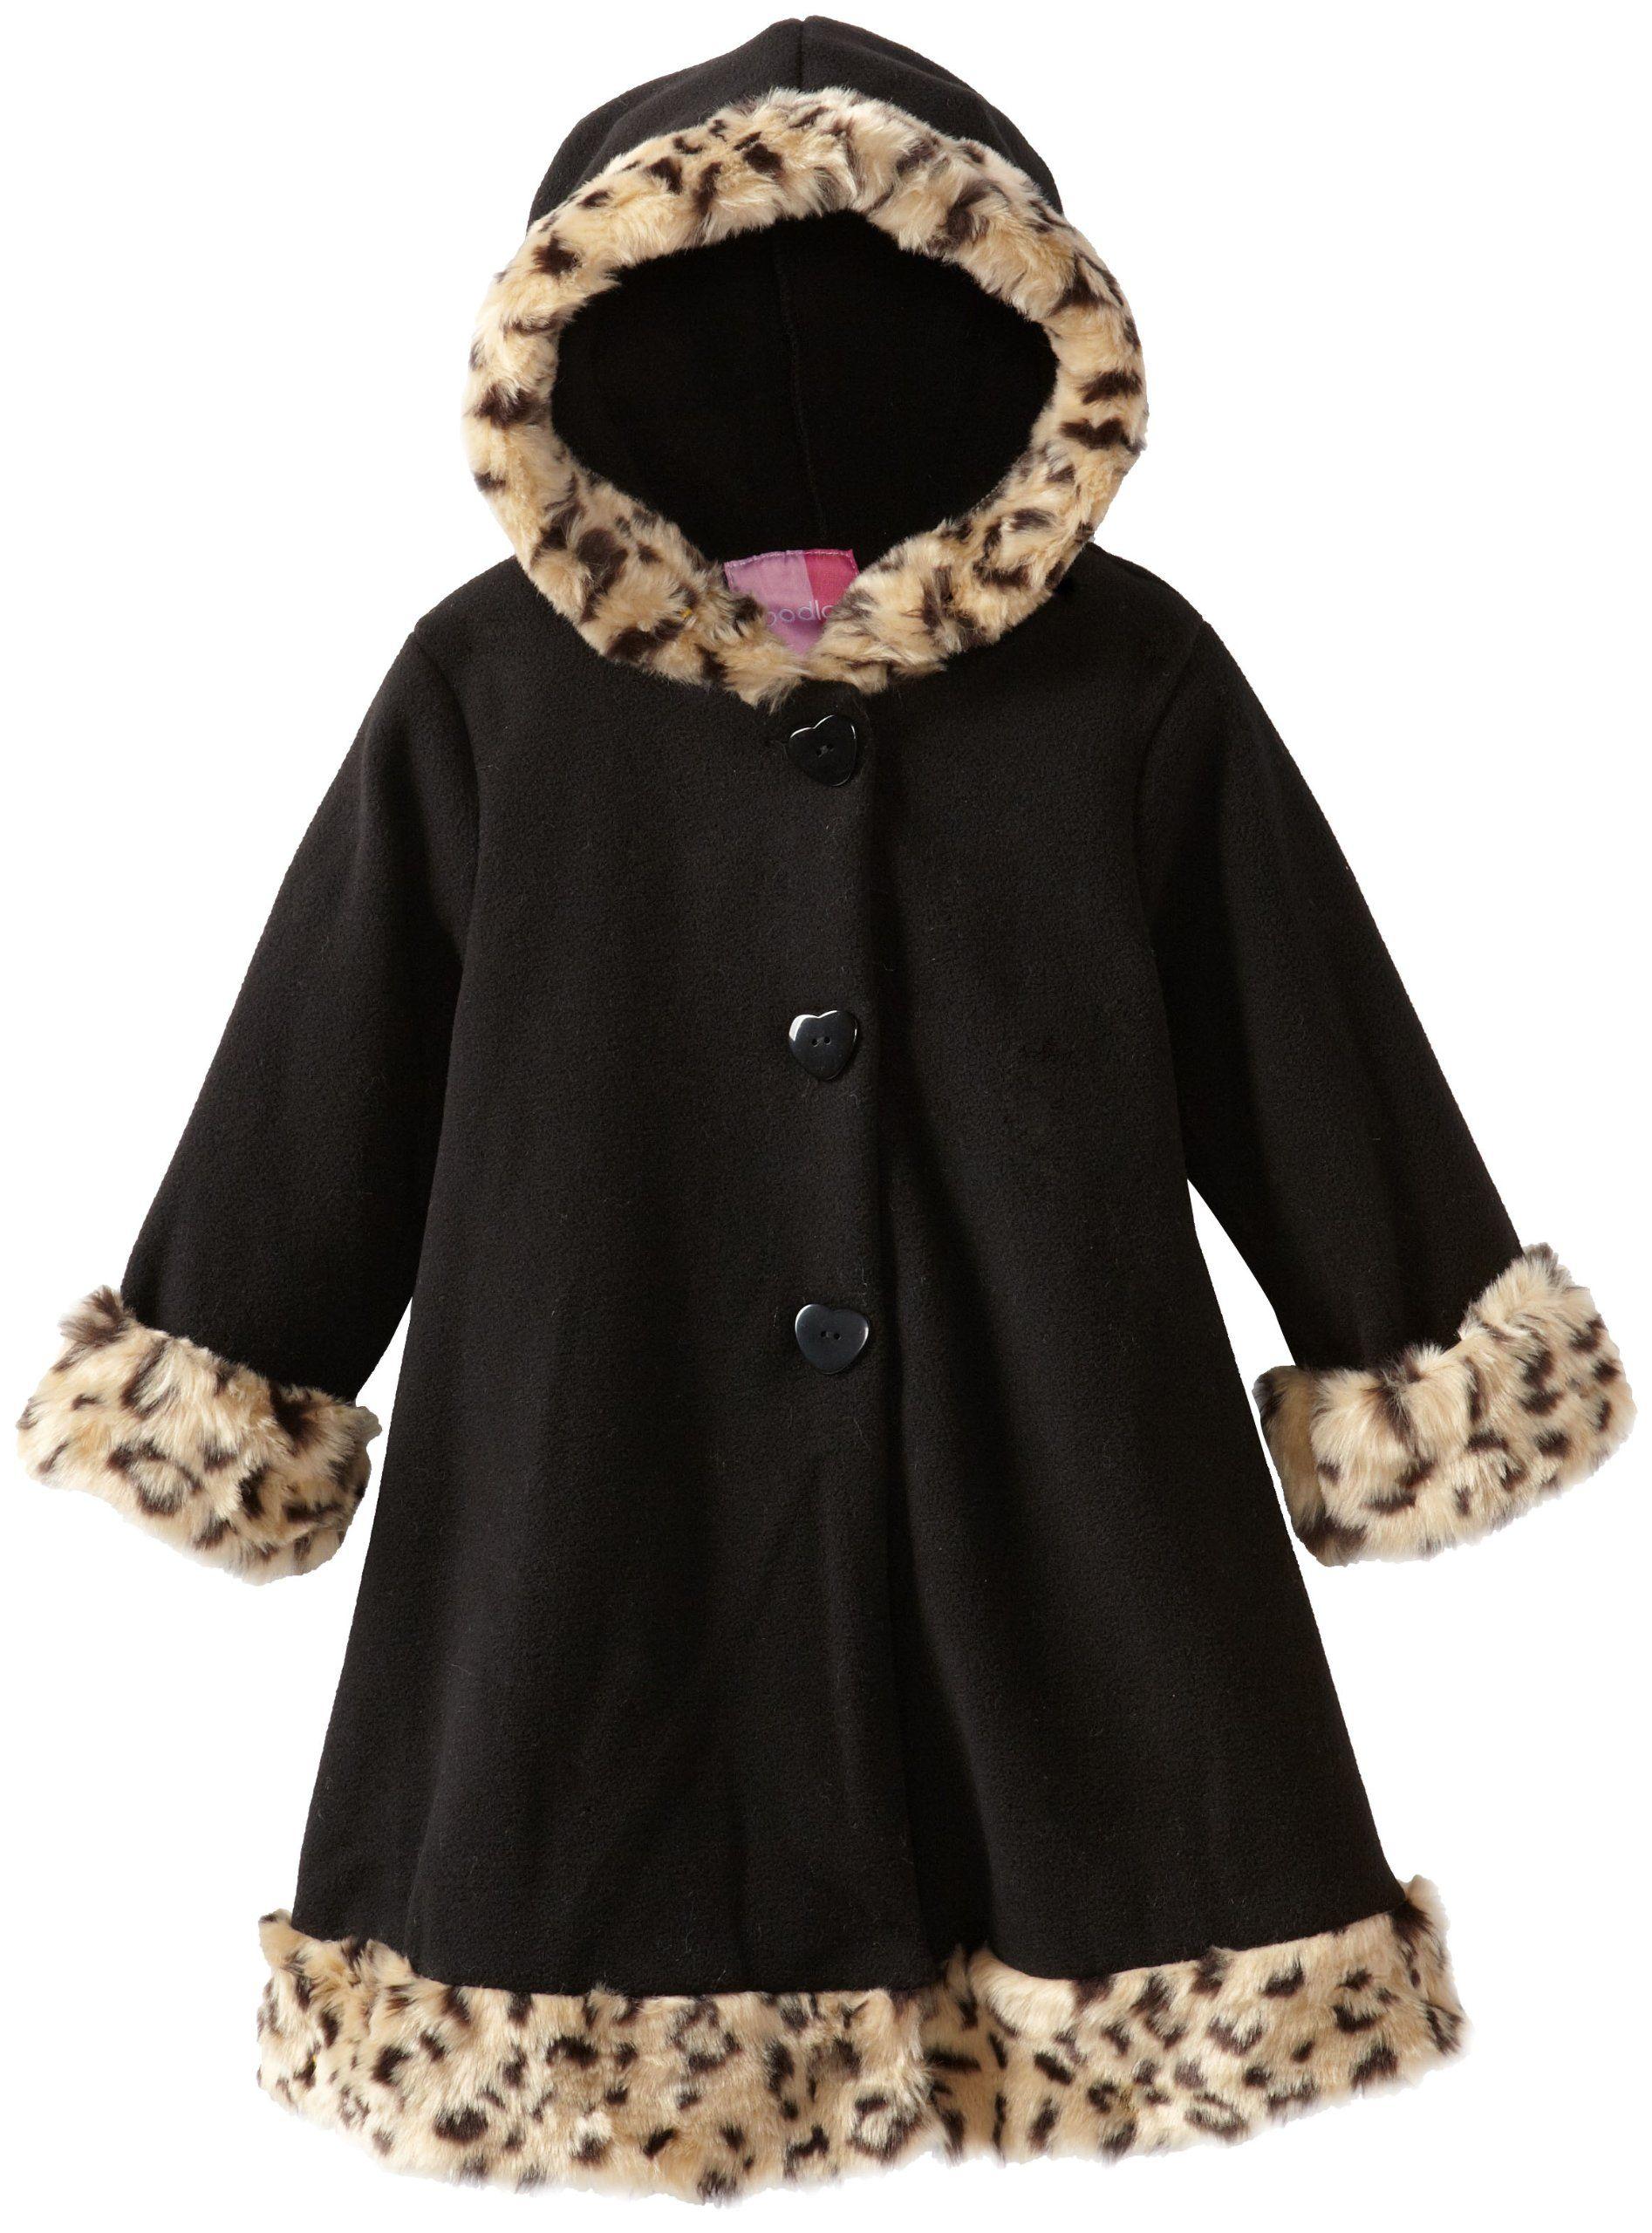 ba0019ac5 Good Lad Baby-Girls Infant Fleece Coat with Hood Leopard Fur Trim ...